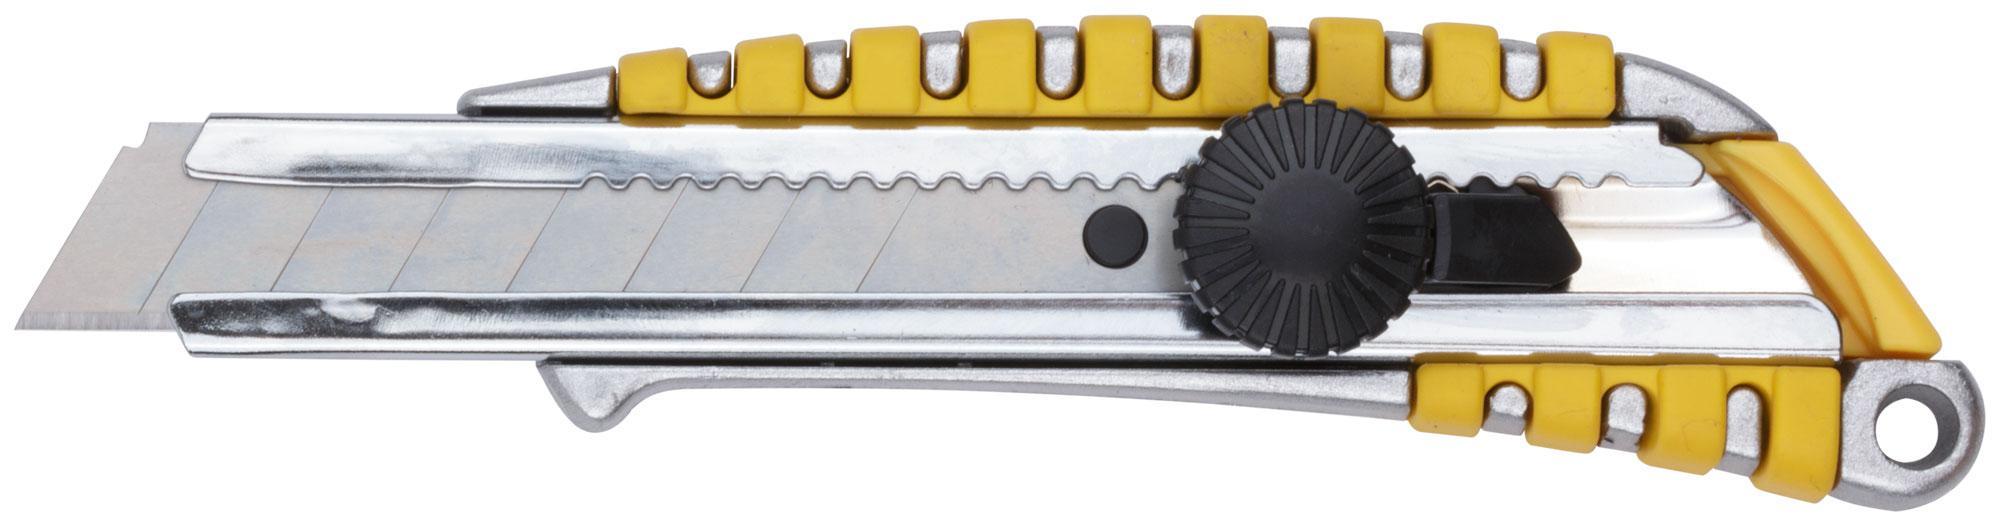 Нож строительный Fit 10257 строительный нож fit it 10622